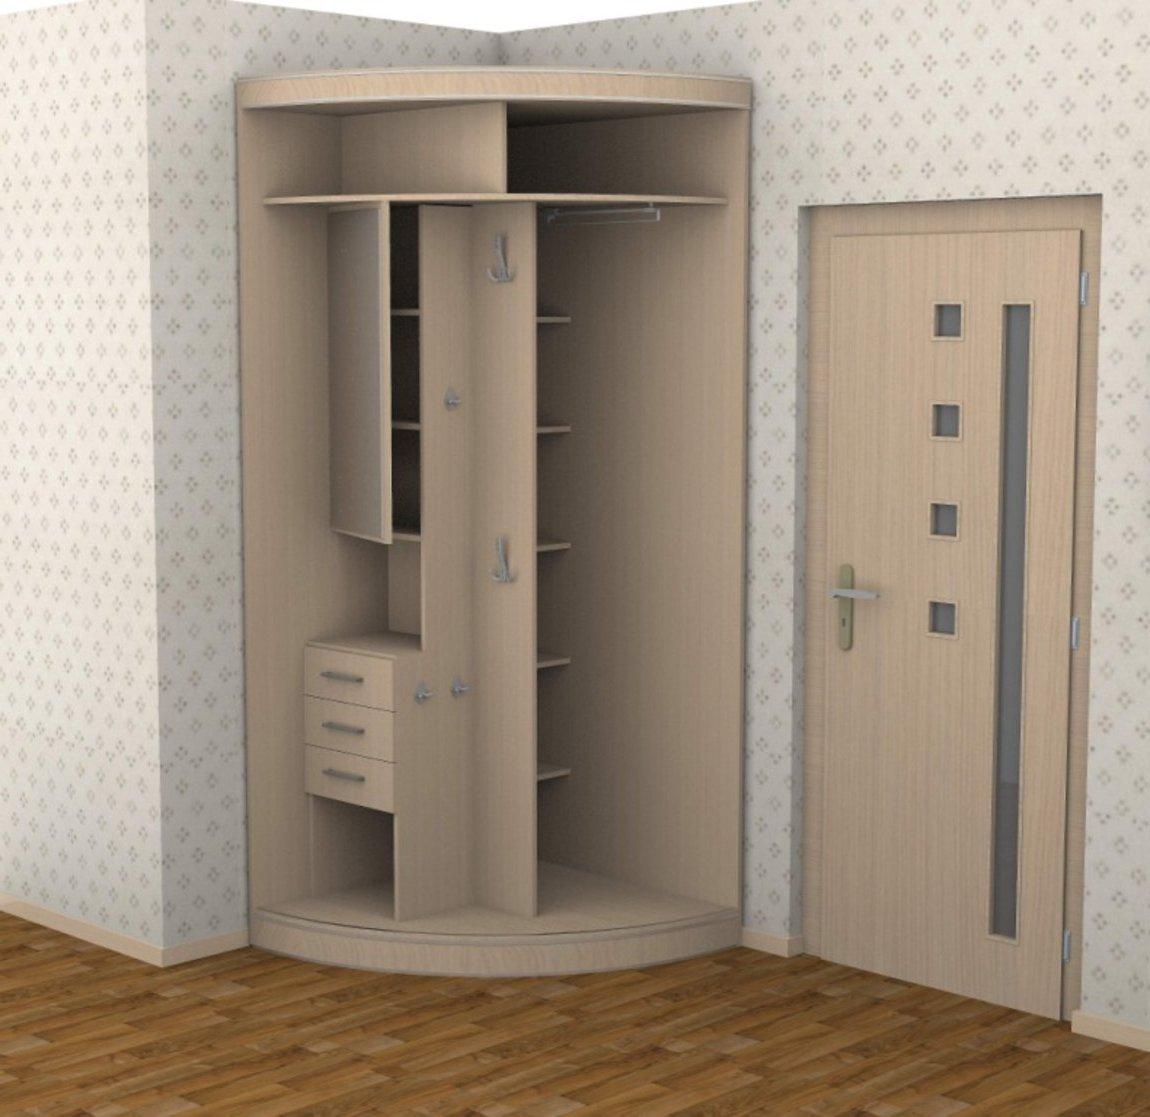 Встроенные шкафы спб emergencyglazing.